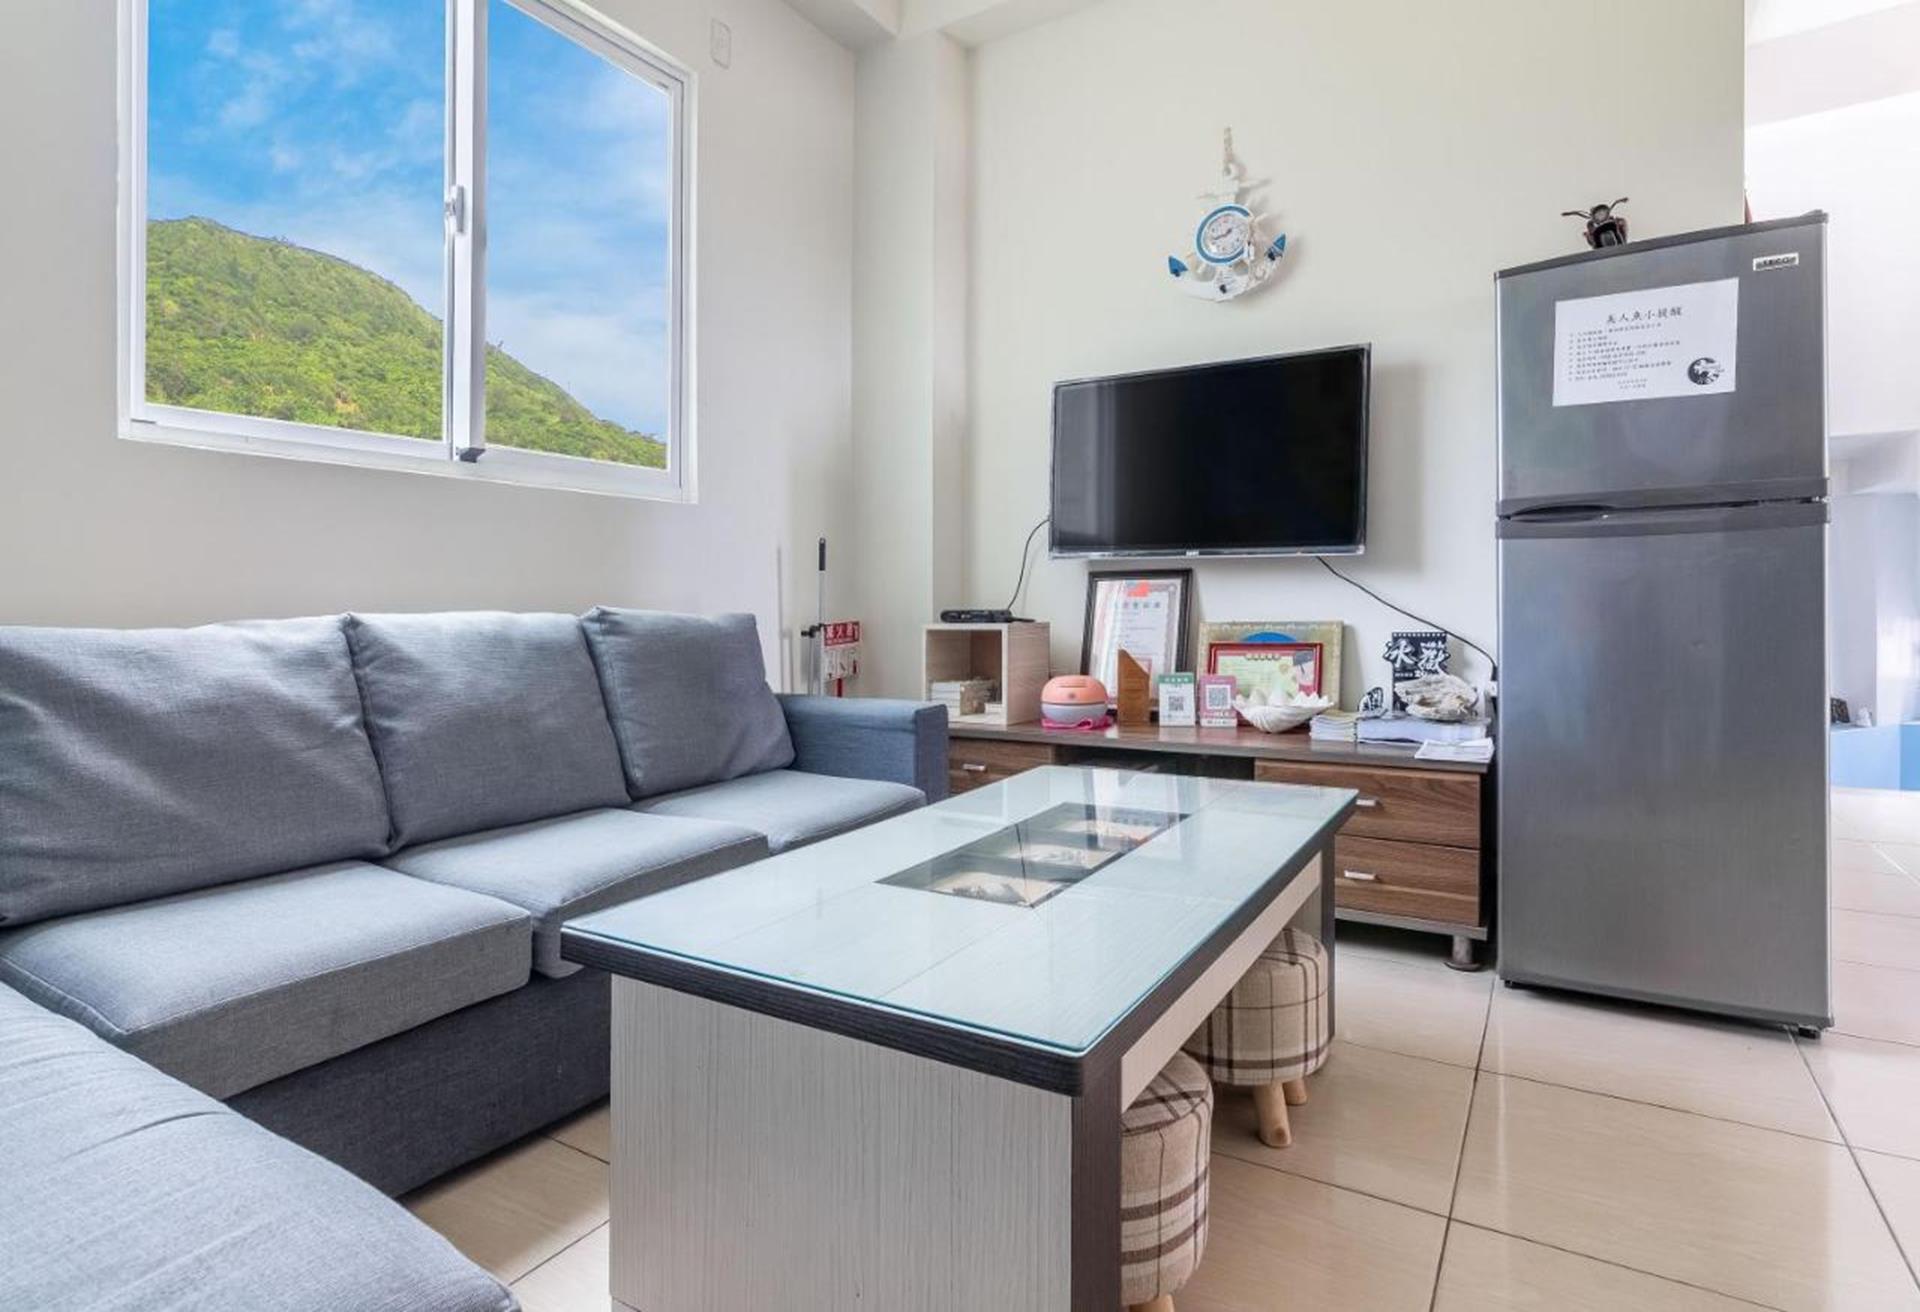 綠島海景民宿推薦 - 美人魚民宿如家一般舒適的公用客廳